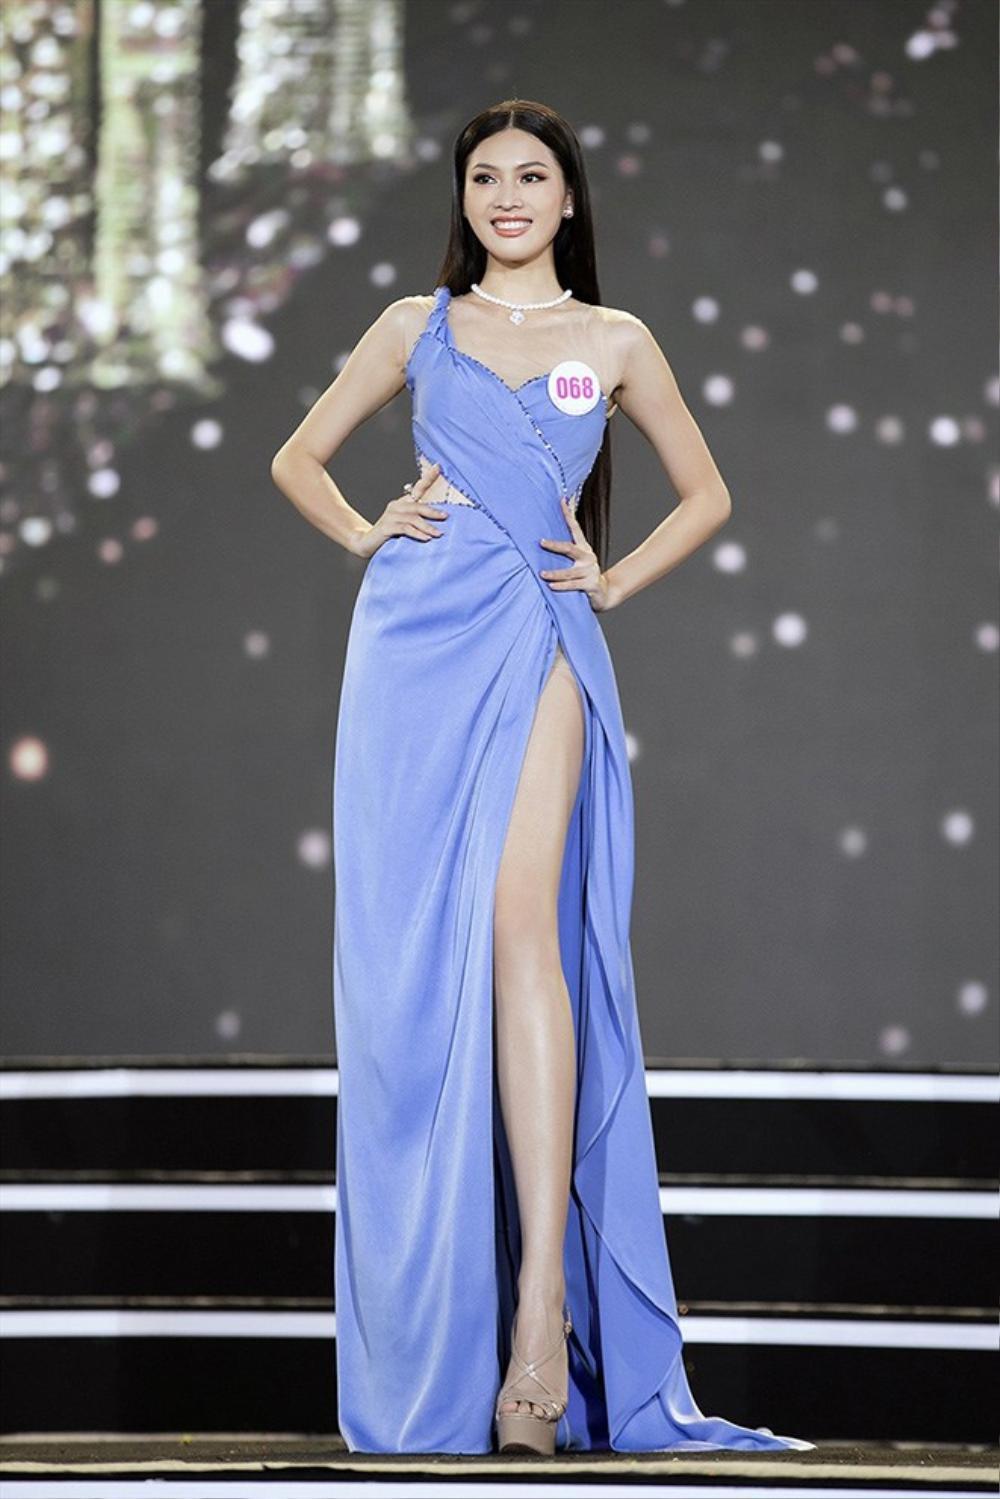 Á hậu 2 Hoa hậu Việt Nam 2020 Ngọc Thảo chuộng váy siêu ngắn khoe đôi chân 1m11 Ảnh 5